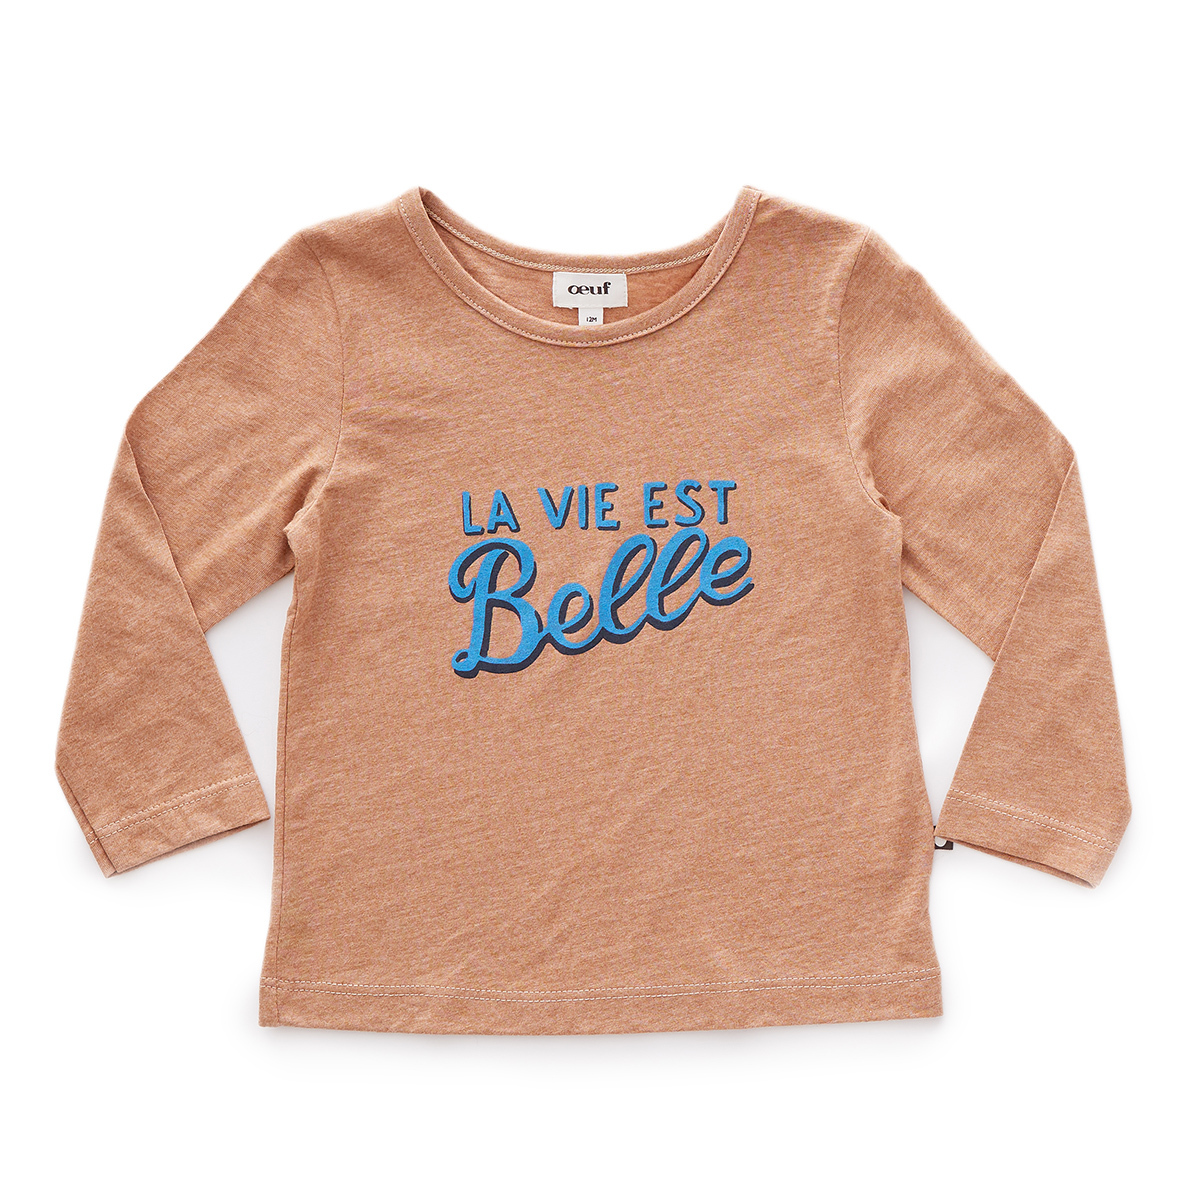 Hauts bébé Tee-shirt La Vie Est Belle Marron - 2 Ans Tee-shirt La Vie Est Belle Marron - 2 Ans